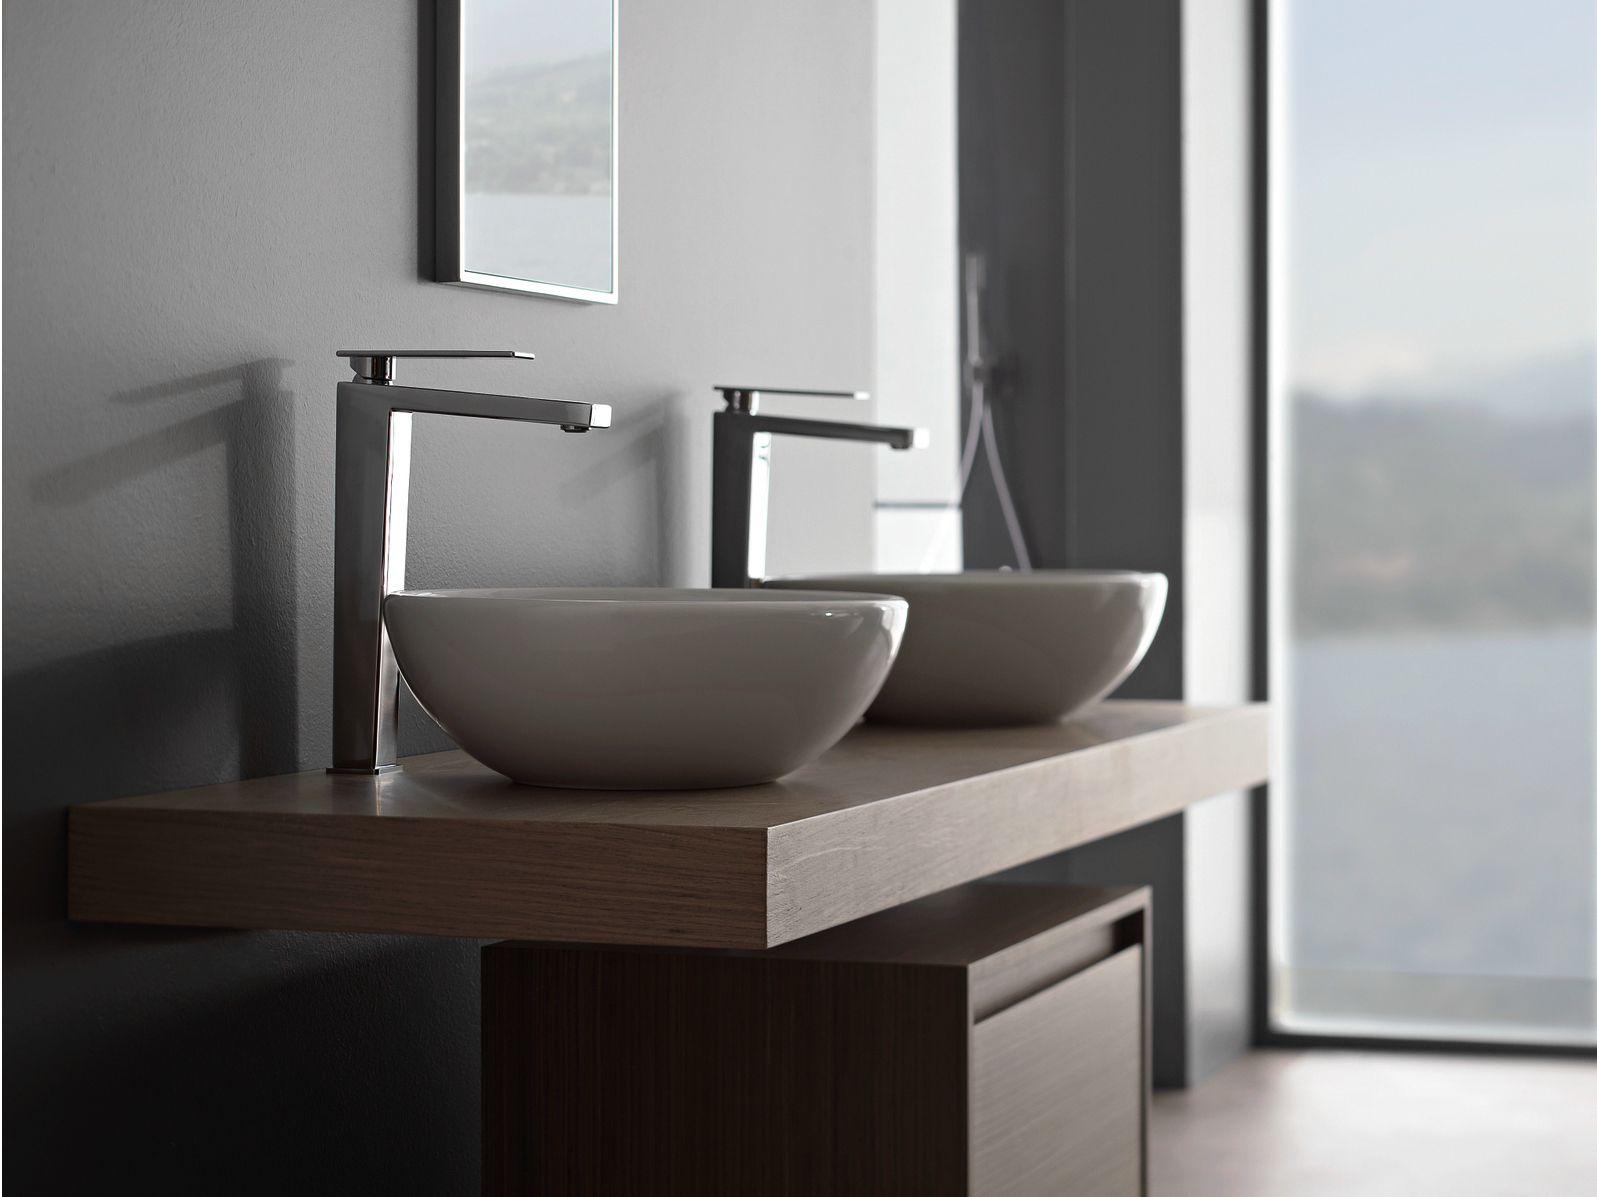 Mobili bagno moderni design: mobili bagno moderni di bmt ...